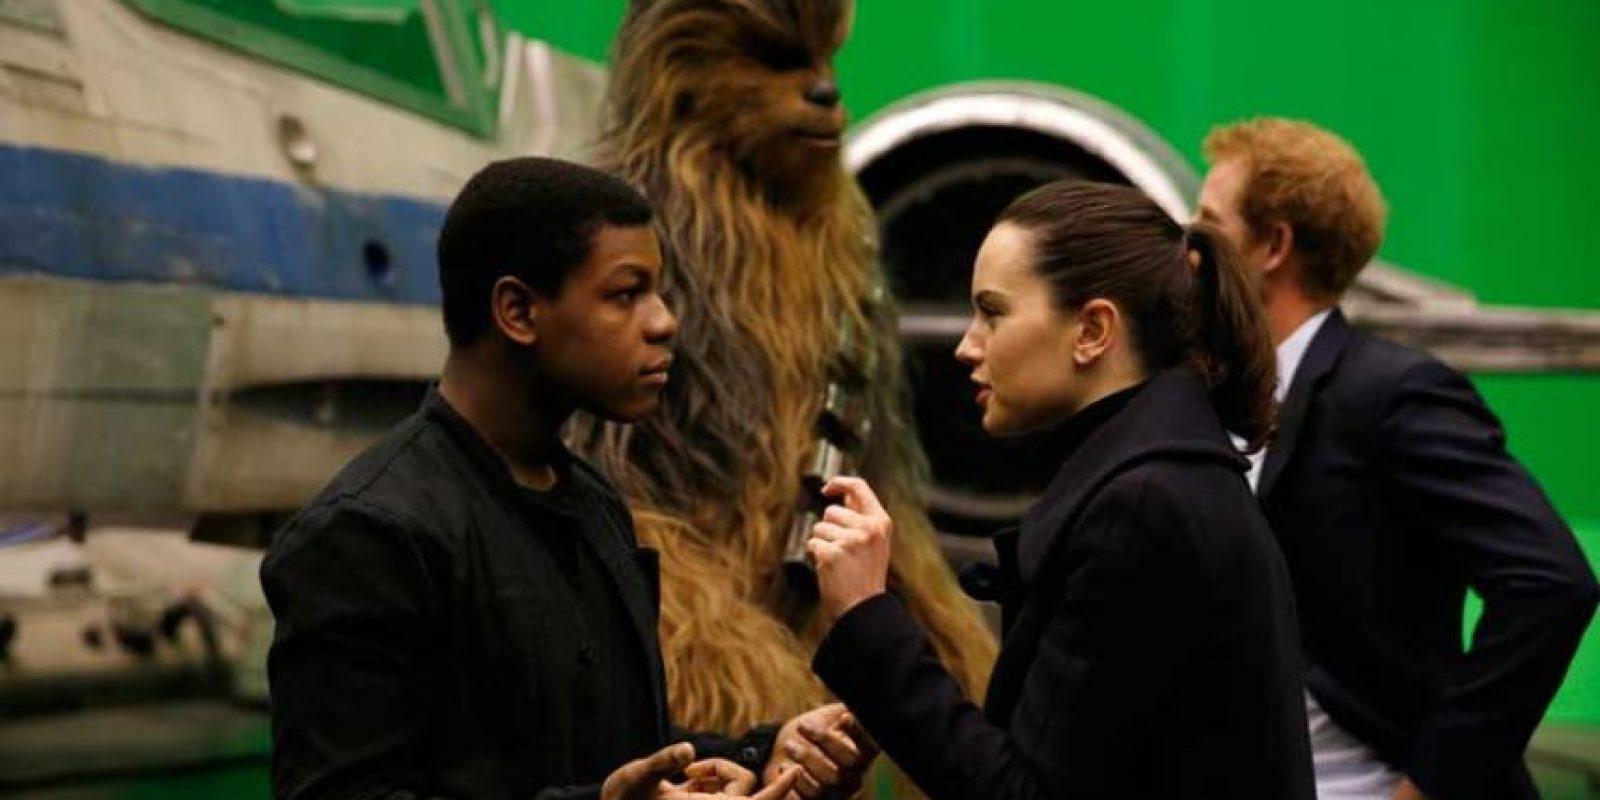 Los cuatro protagonistas de Episodio VII, Daisy Ridley, John Boyega, Oscar Isaac y Adam Driver, repetirán en Episodio VIII. Foto:Getty Images. Imagen Por: